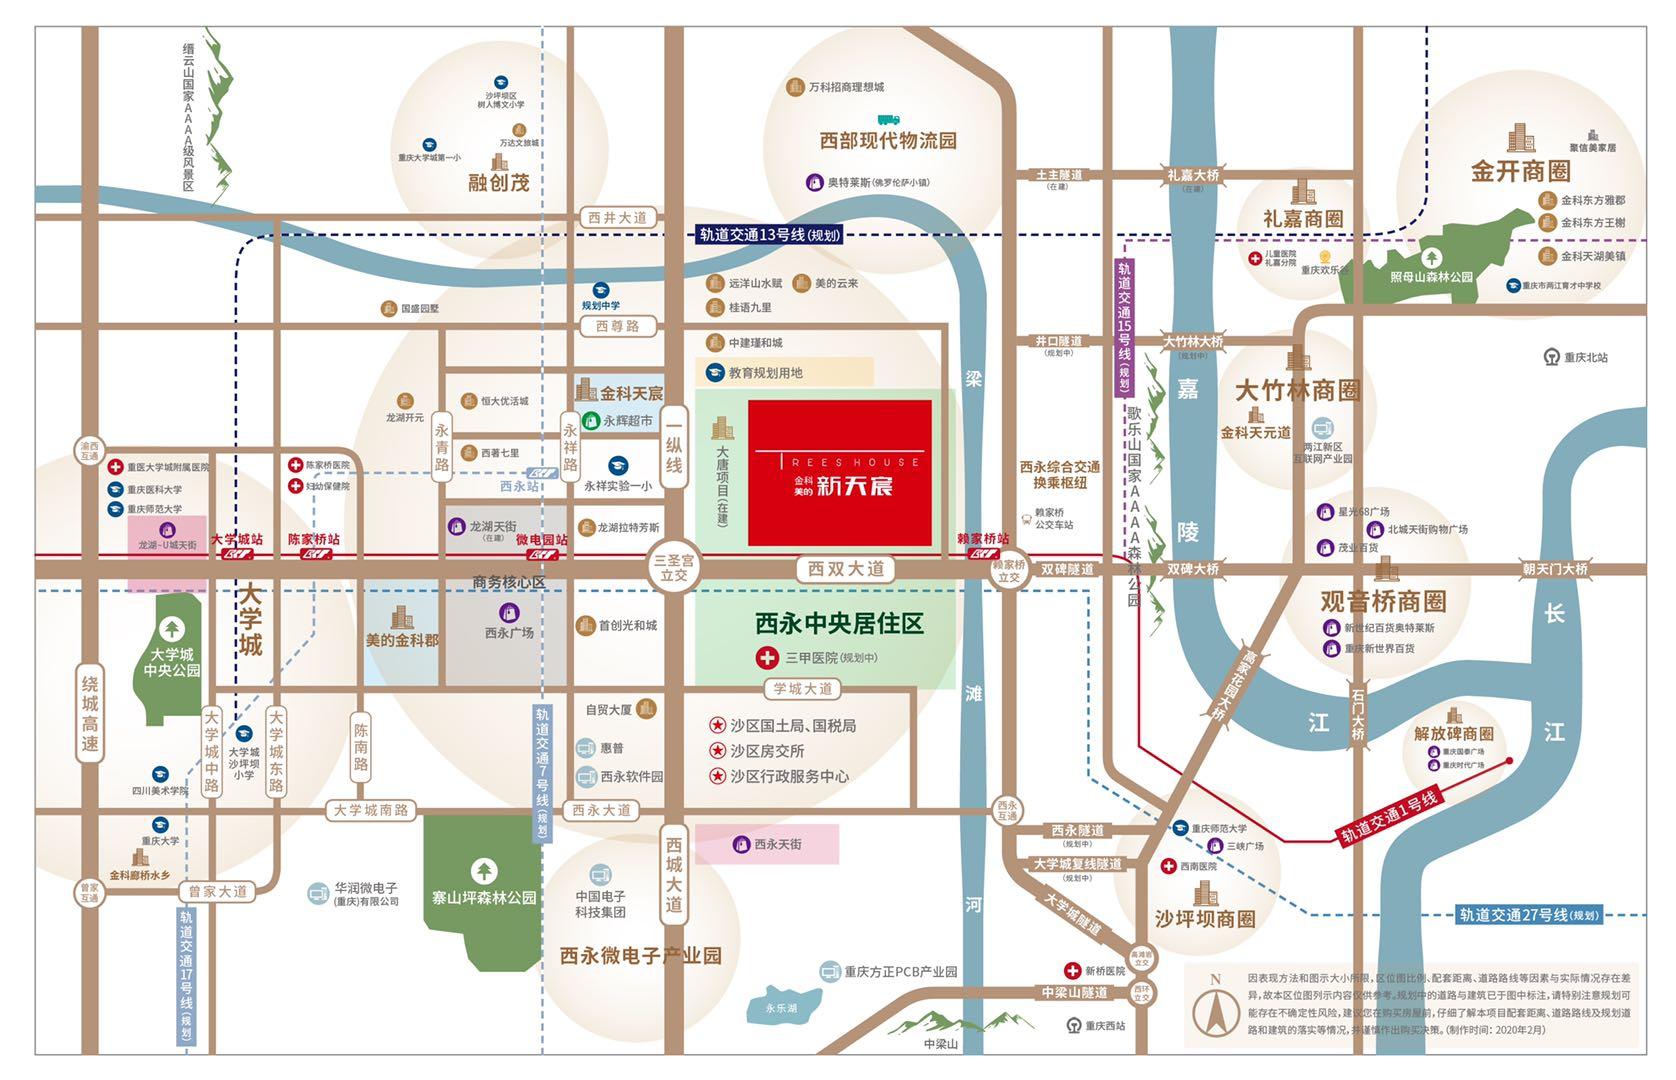 重庆沙坪坝西永「金科美的新天辰」——「官方网站」的实拍照片